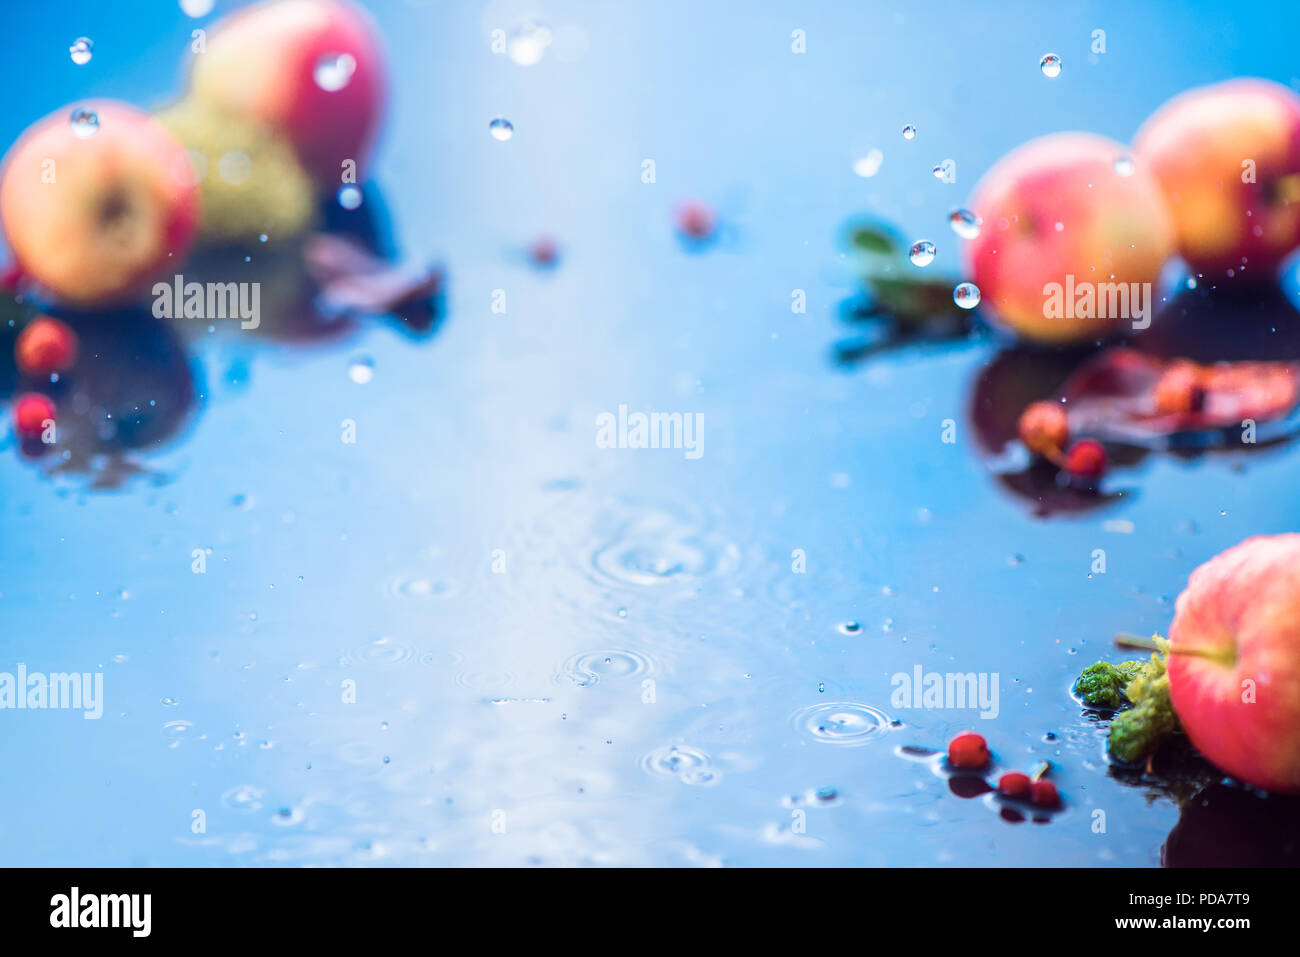 Pluie d'automne cadre avec copie espace. Unfocused les pommes avec les gouttes d'eau et de la place pour le texte. Produits frais et aéré concept la récolte d'automne Photo Stock